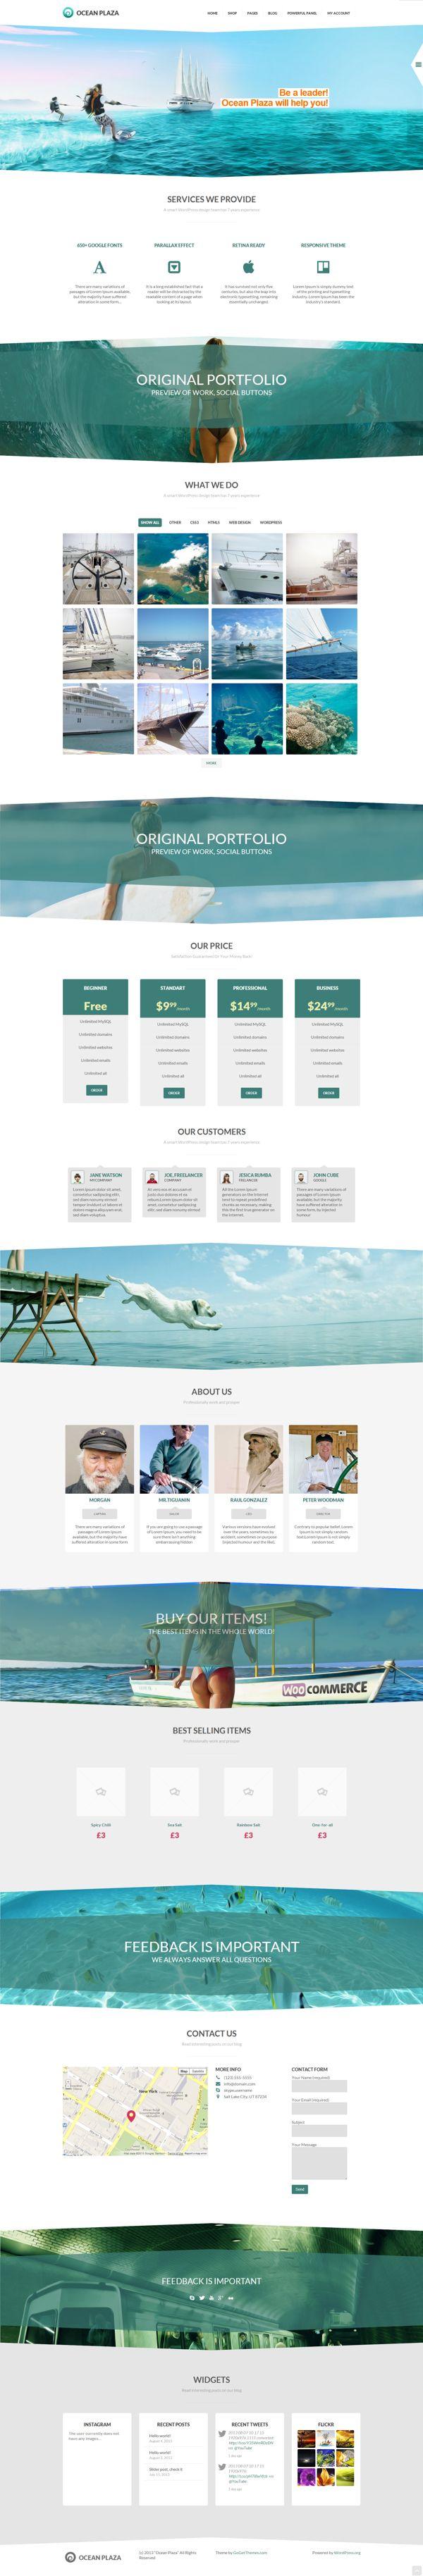 Le bleu de la mer attire le regard, c'est une très belle couleur qui donne de la fraîcheur à cette page d'accueil.